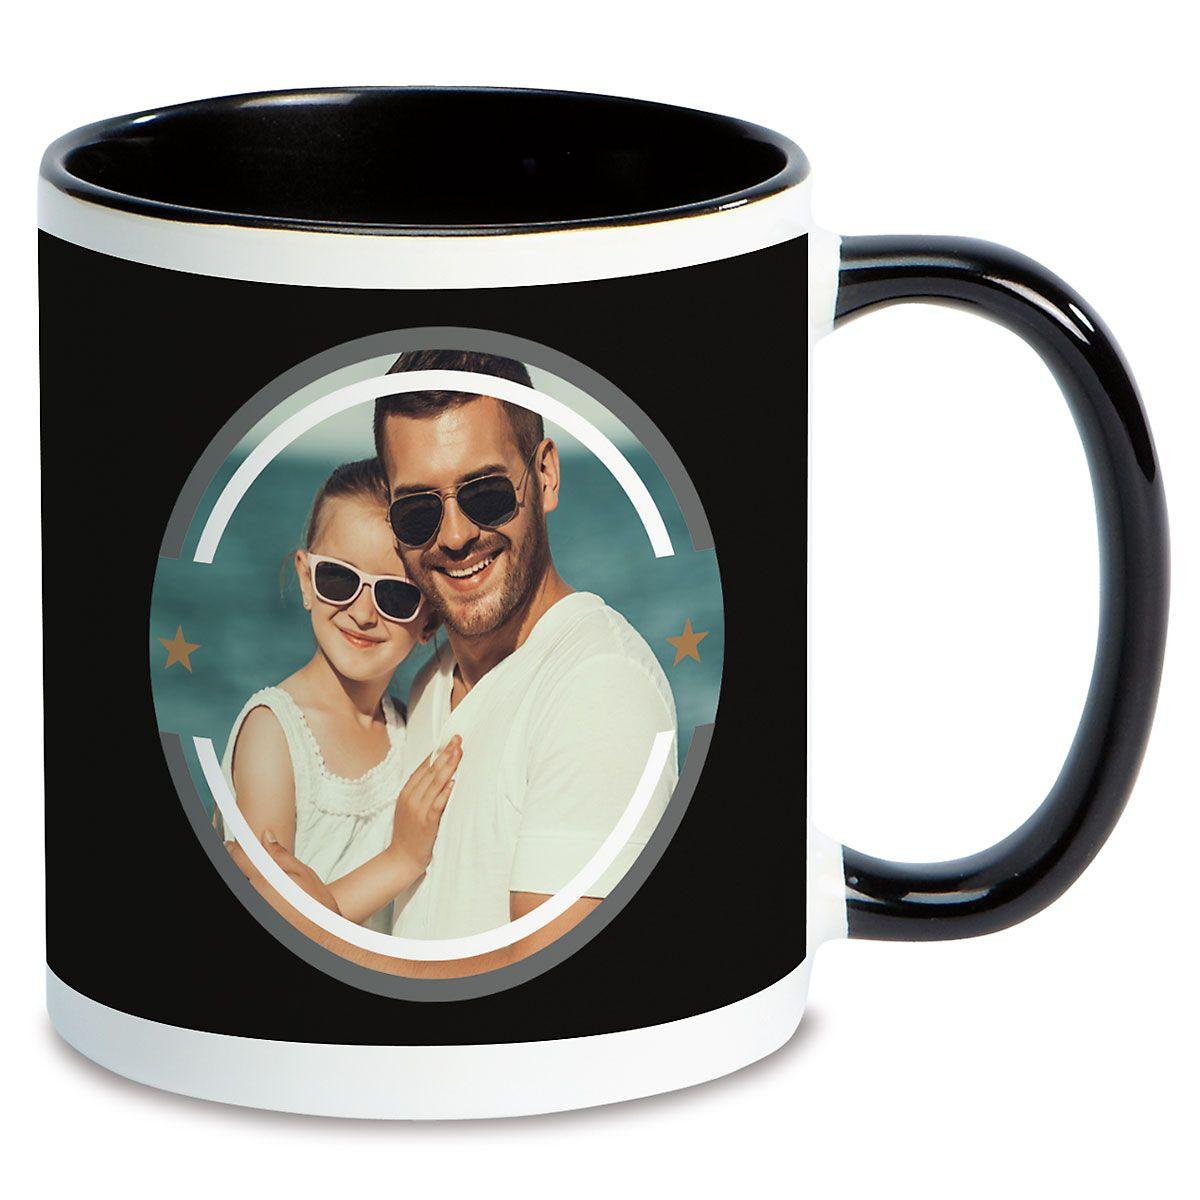 The Man Ceramic Photo Mug